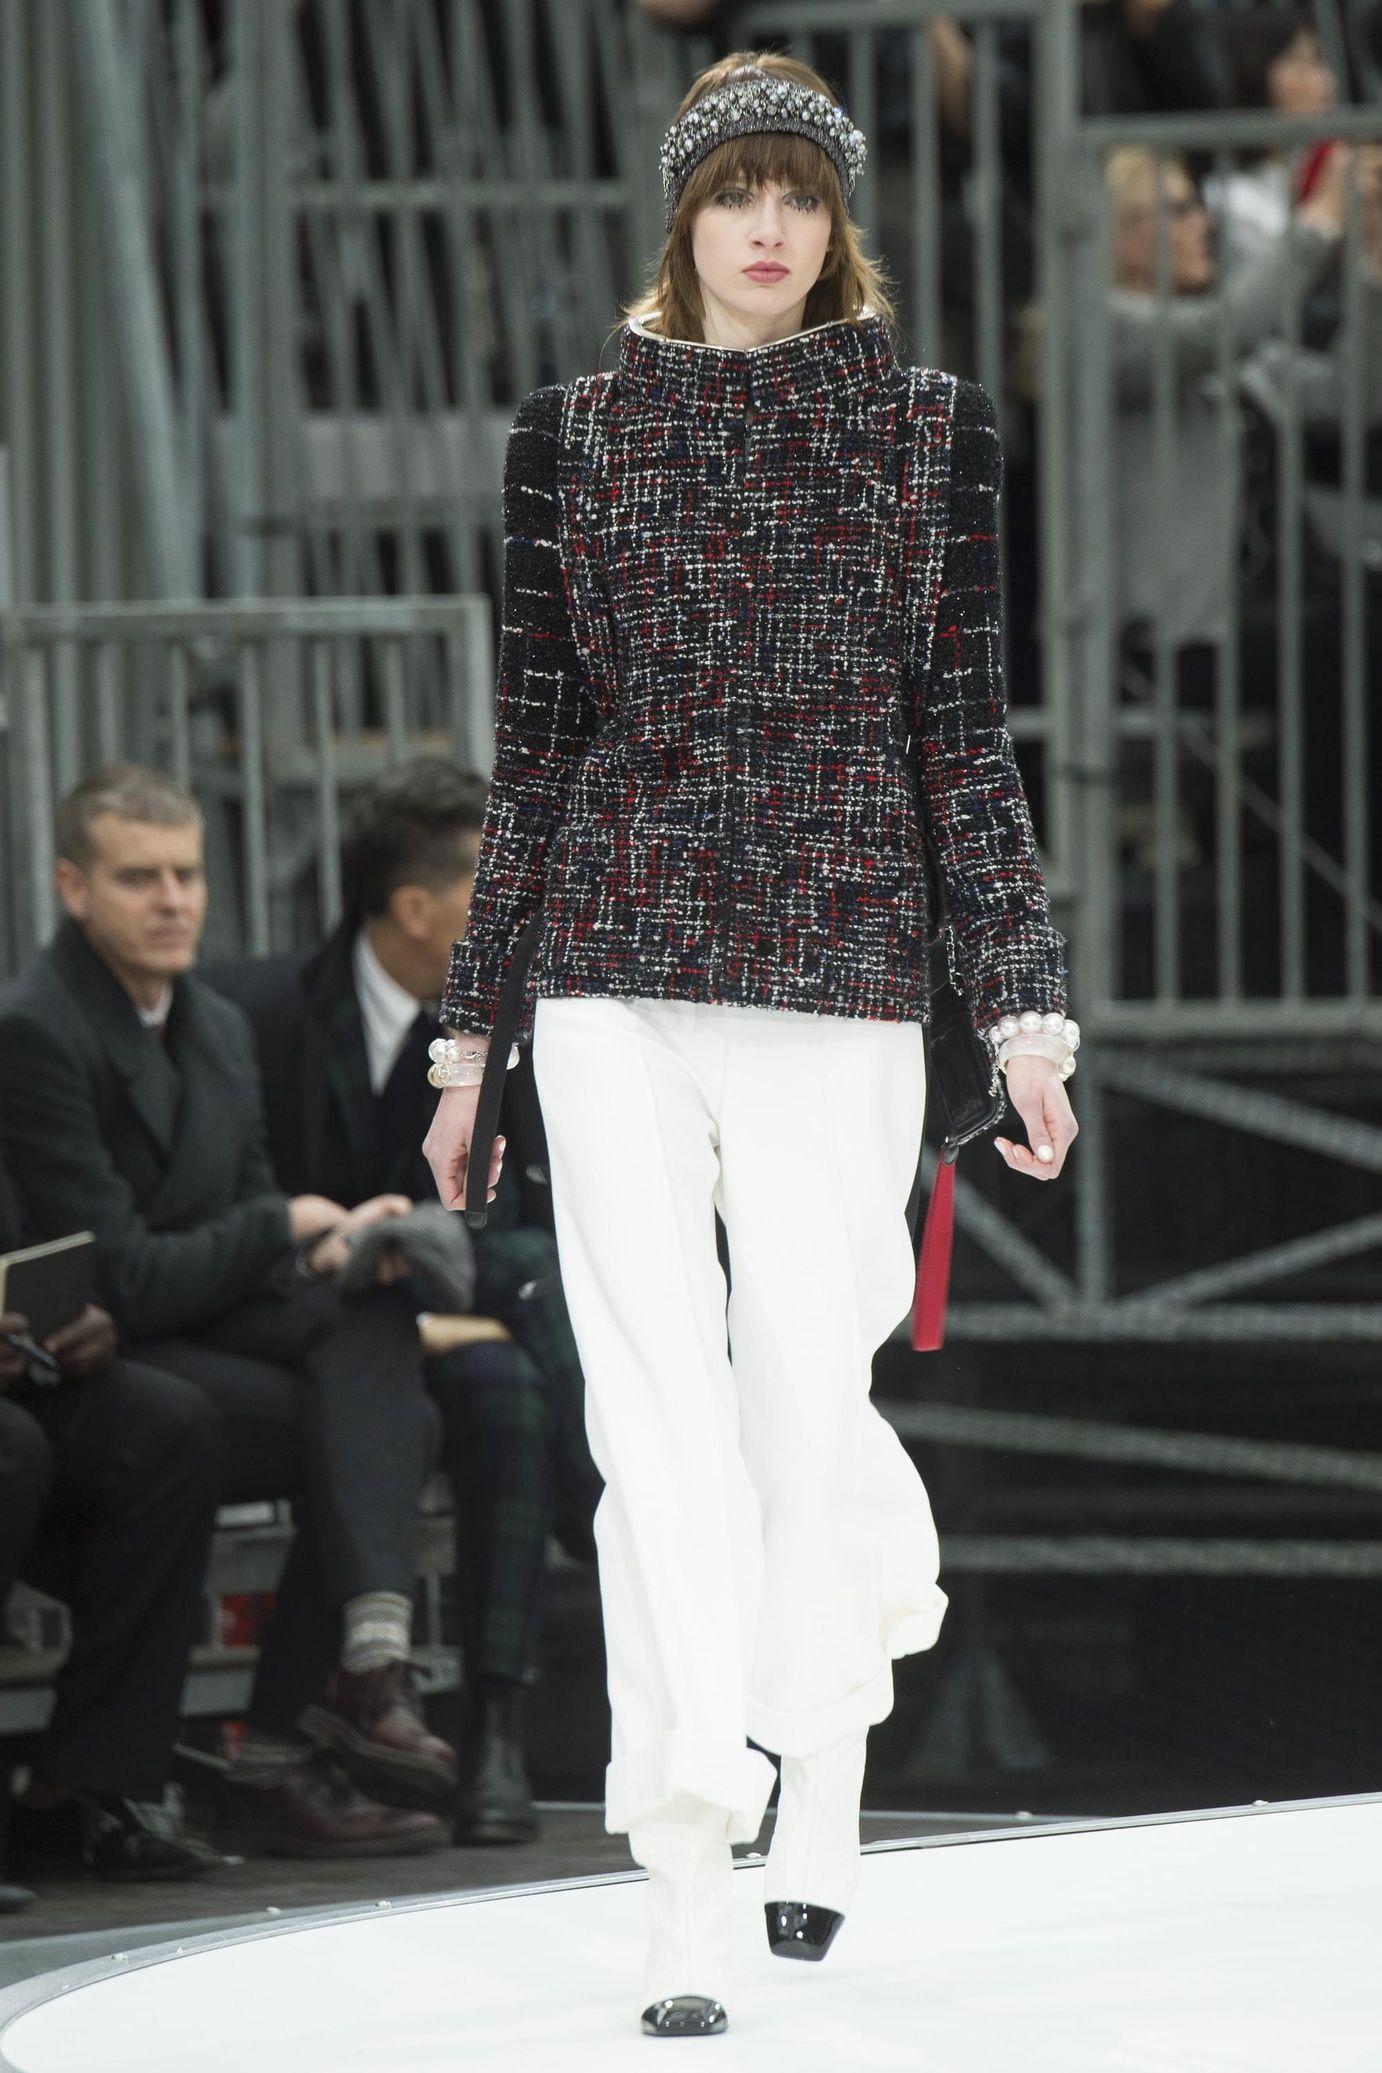 Défilé Chanel prêt,à,porter femme automne,hiver 2017,2018